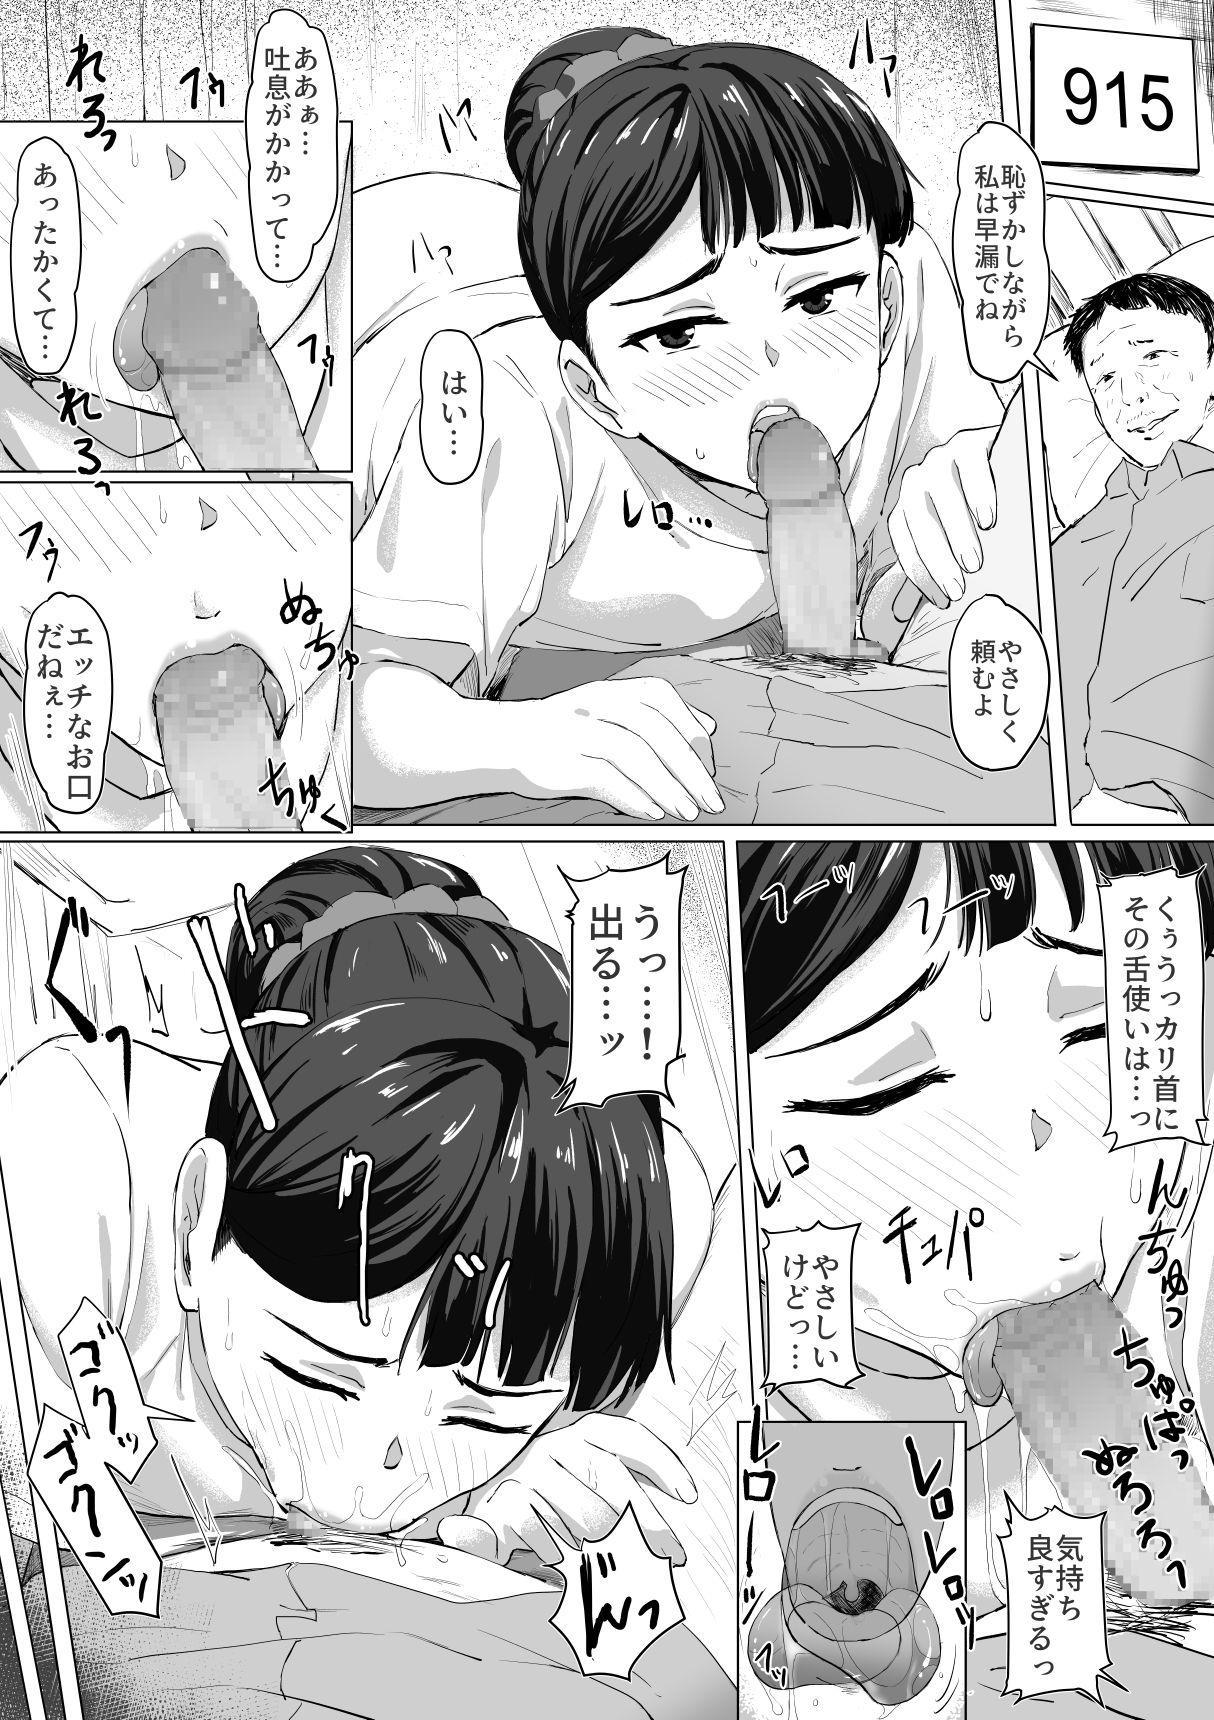 Kimajime Nurse no Seiyoku Shori Jisshuu 13